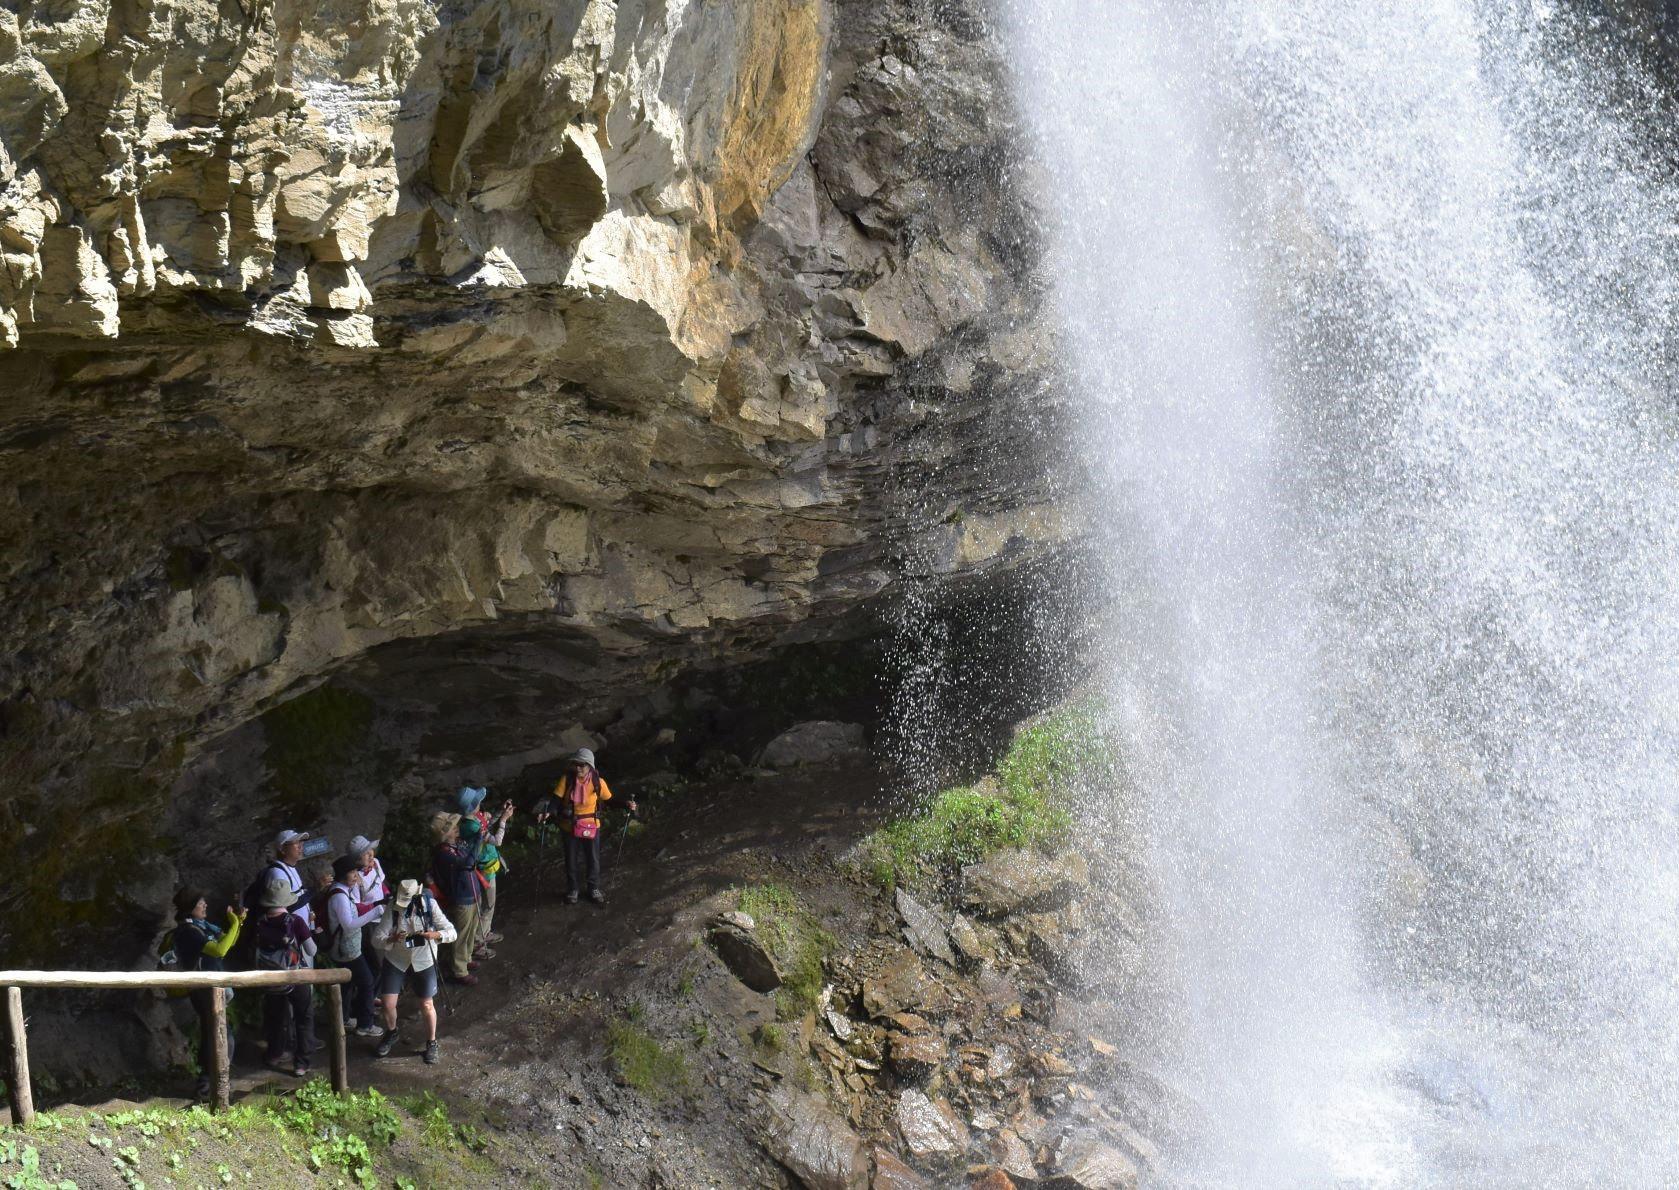 滝の後ろを歩いて冒険気分(2日目)